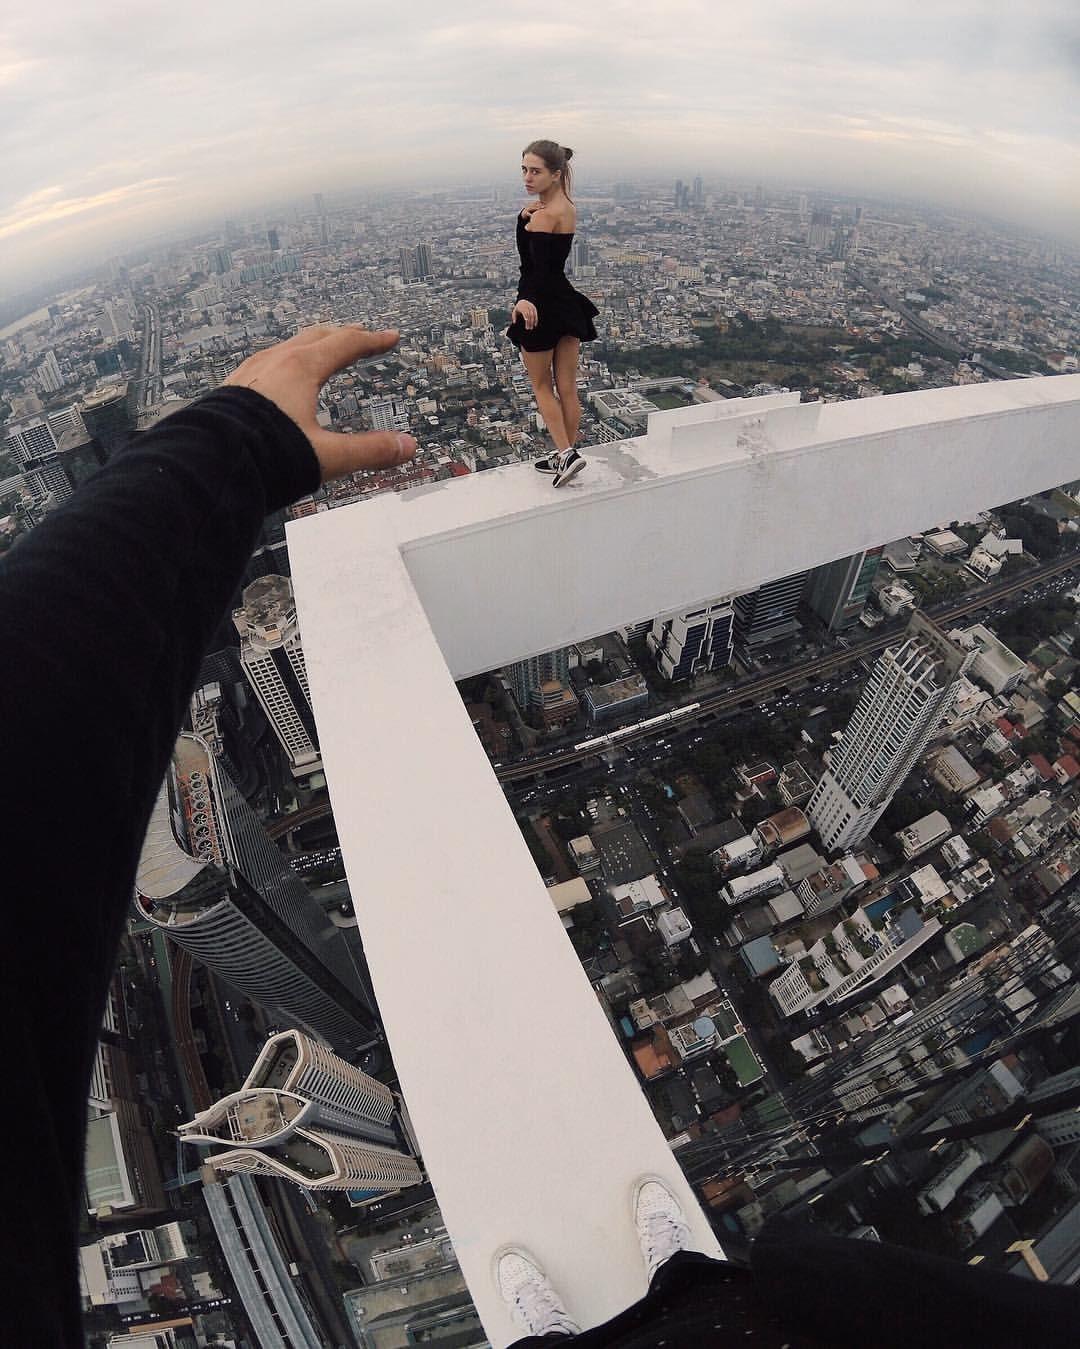 Позитивные фотографии со всего мира(63 фото)